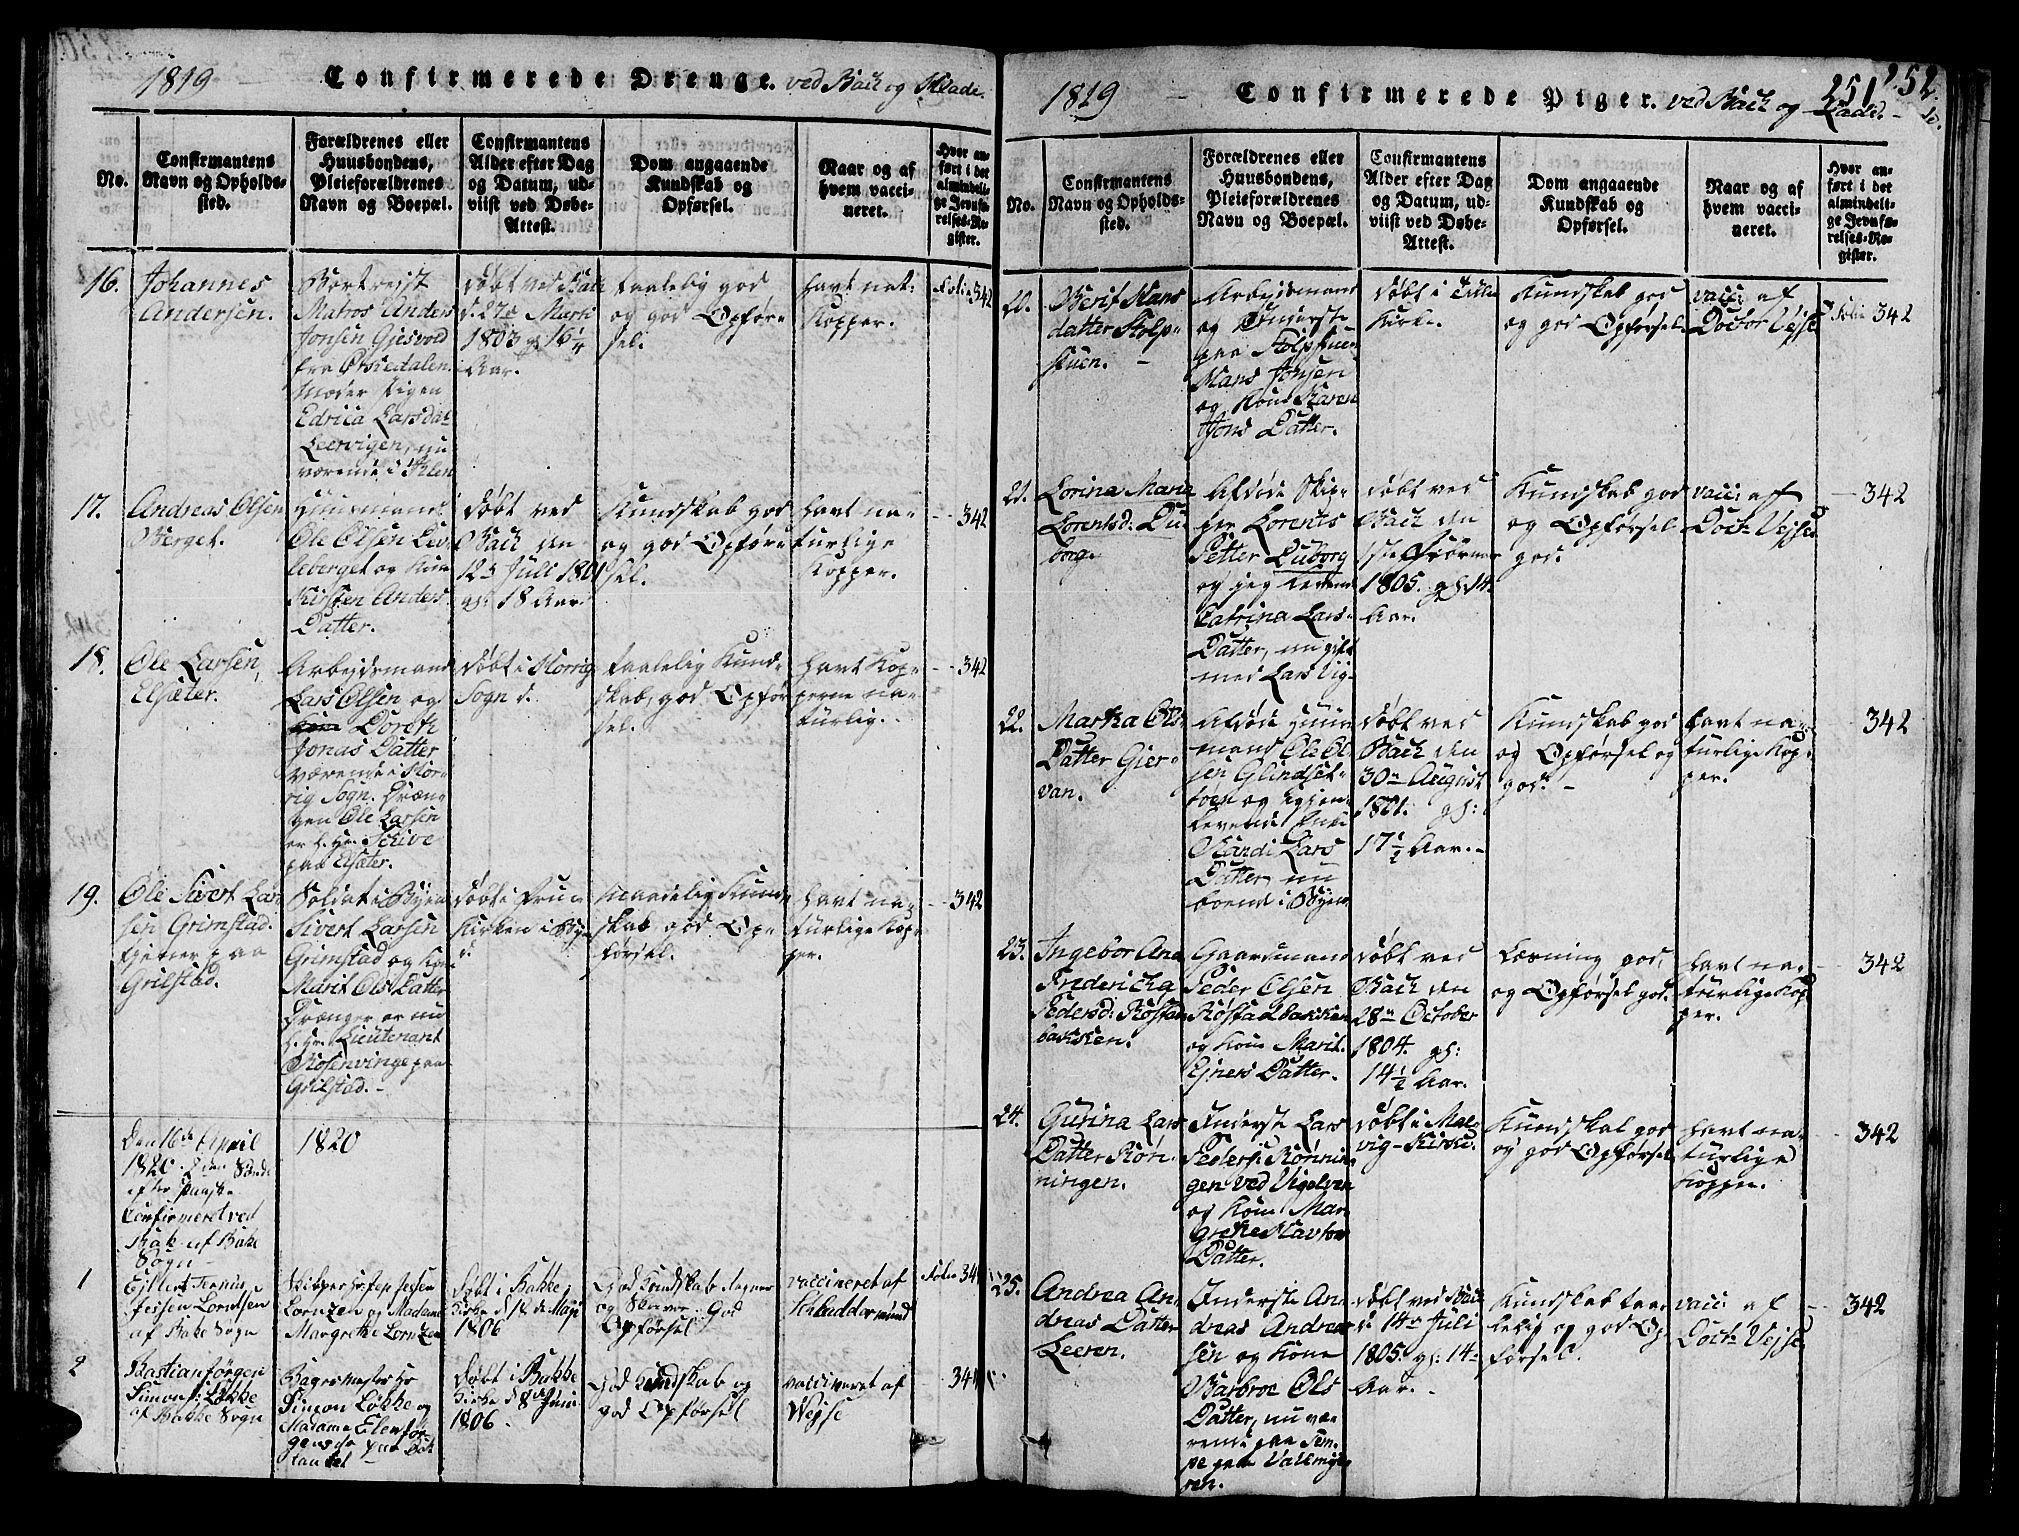 SAT, Ministerialprotokoller, klokkerbøker og fødselsregistre - Sør-Trøndelag, 606/L0307: Klokkerbok nr. 606C03, 1817-1824, s. 251